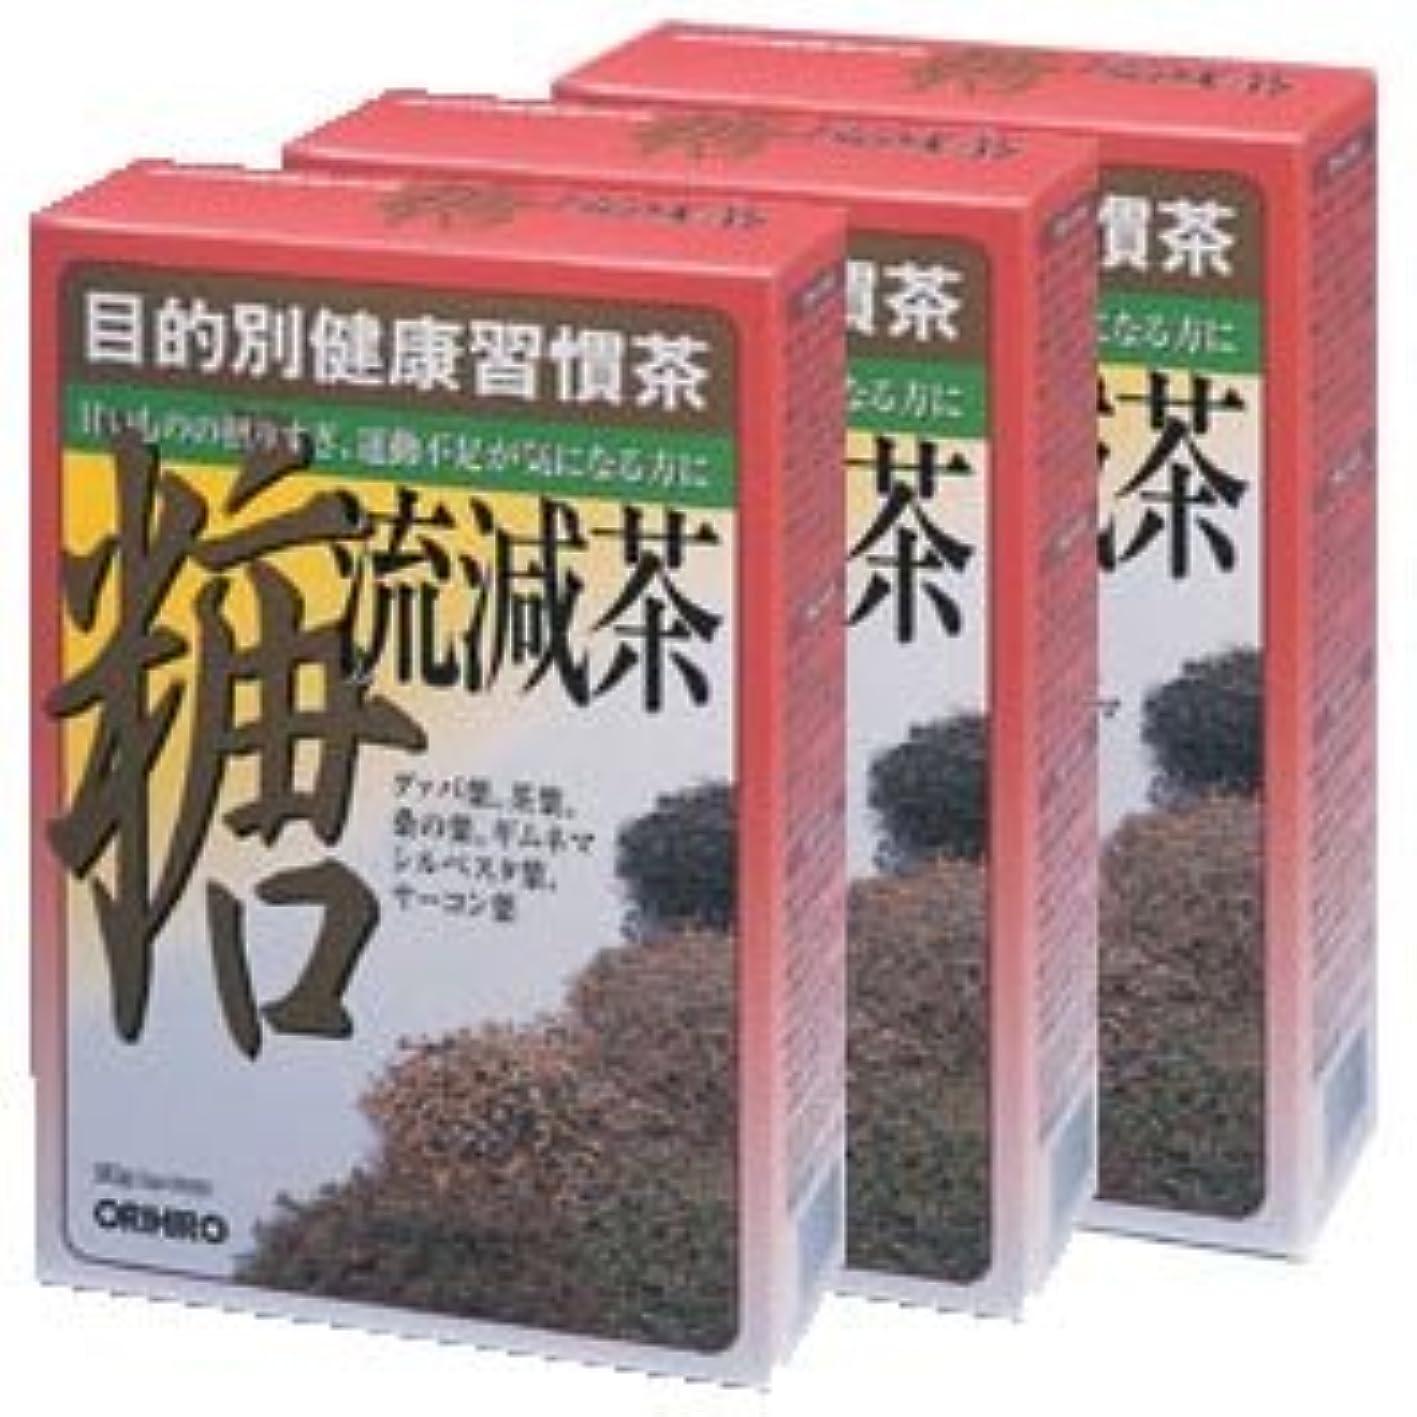 ロマンチック命令的食用オリヒロ 目的別健康習慣茶 糖流減茶30包【3箱セット】